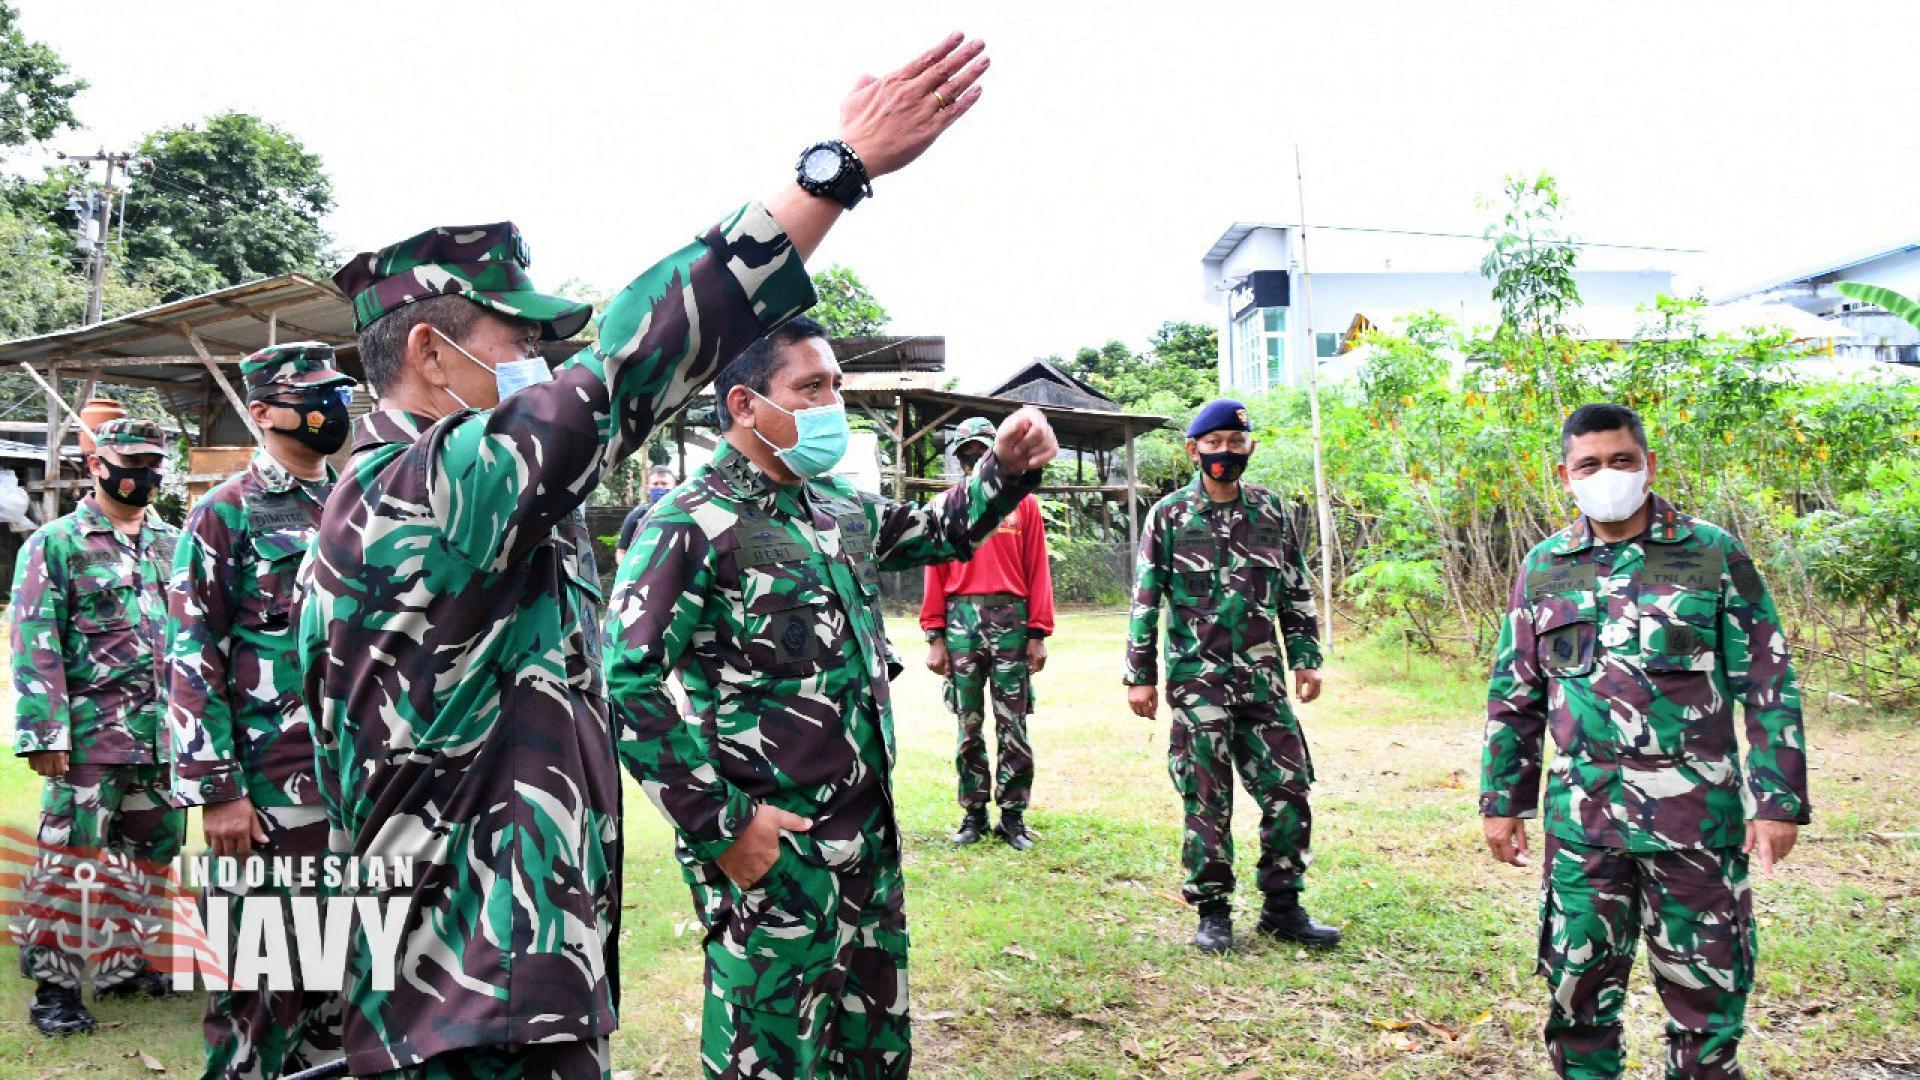 WAKASAL Laksamana Madya TNI Ahmadi Heri Purwono, S.E., M.M. TINJAU LOKASI LATIHAN SATDIK 2 TNI AL DI MAKASSAR